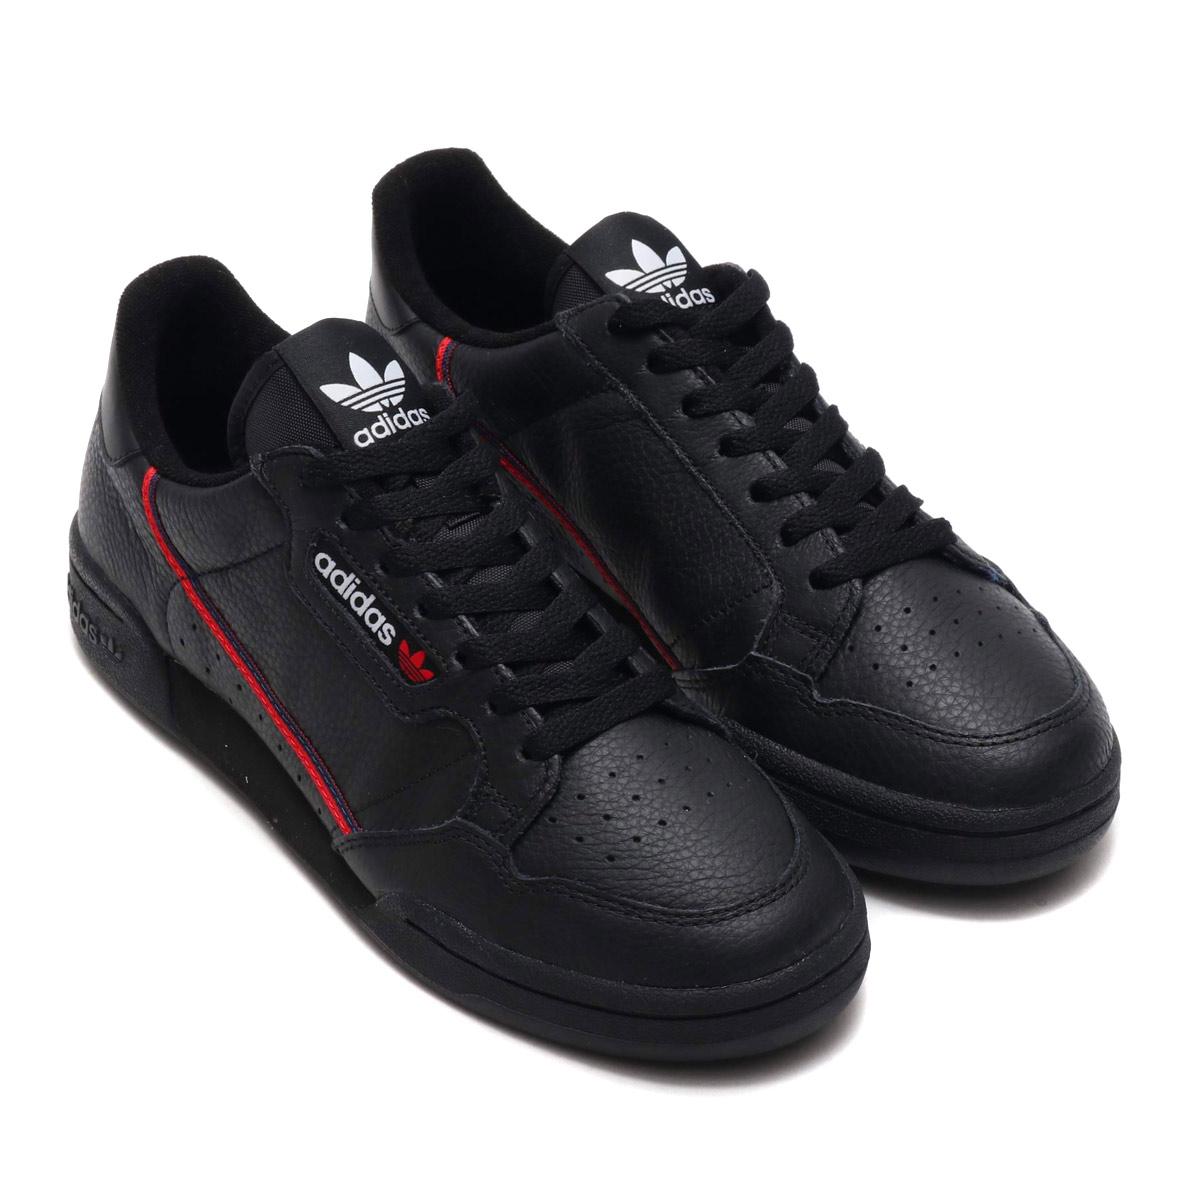 adidas Originals CONTINENTAL 80 (アディダスオリジナルス コンチネンタル 80)CORE BLACK/SCARLET/COLLEGE NAVY【メンズ レディース スニーカー】19SS-I